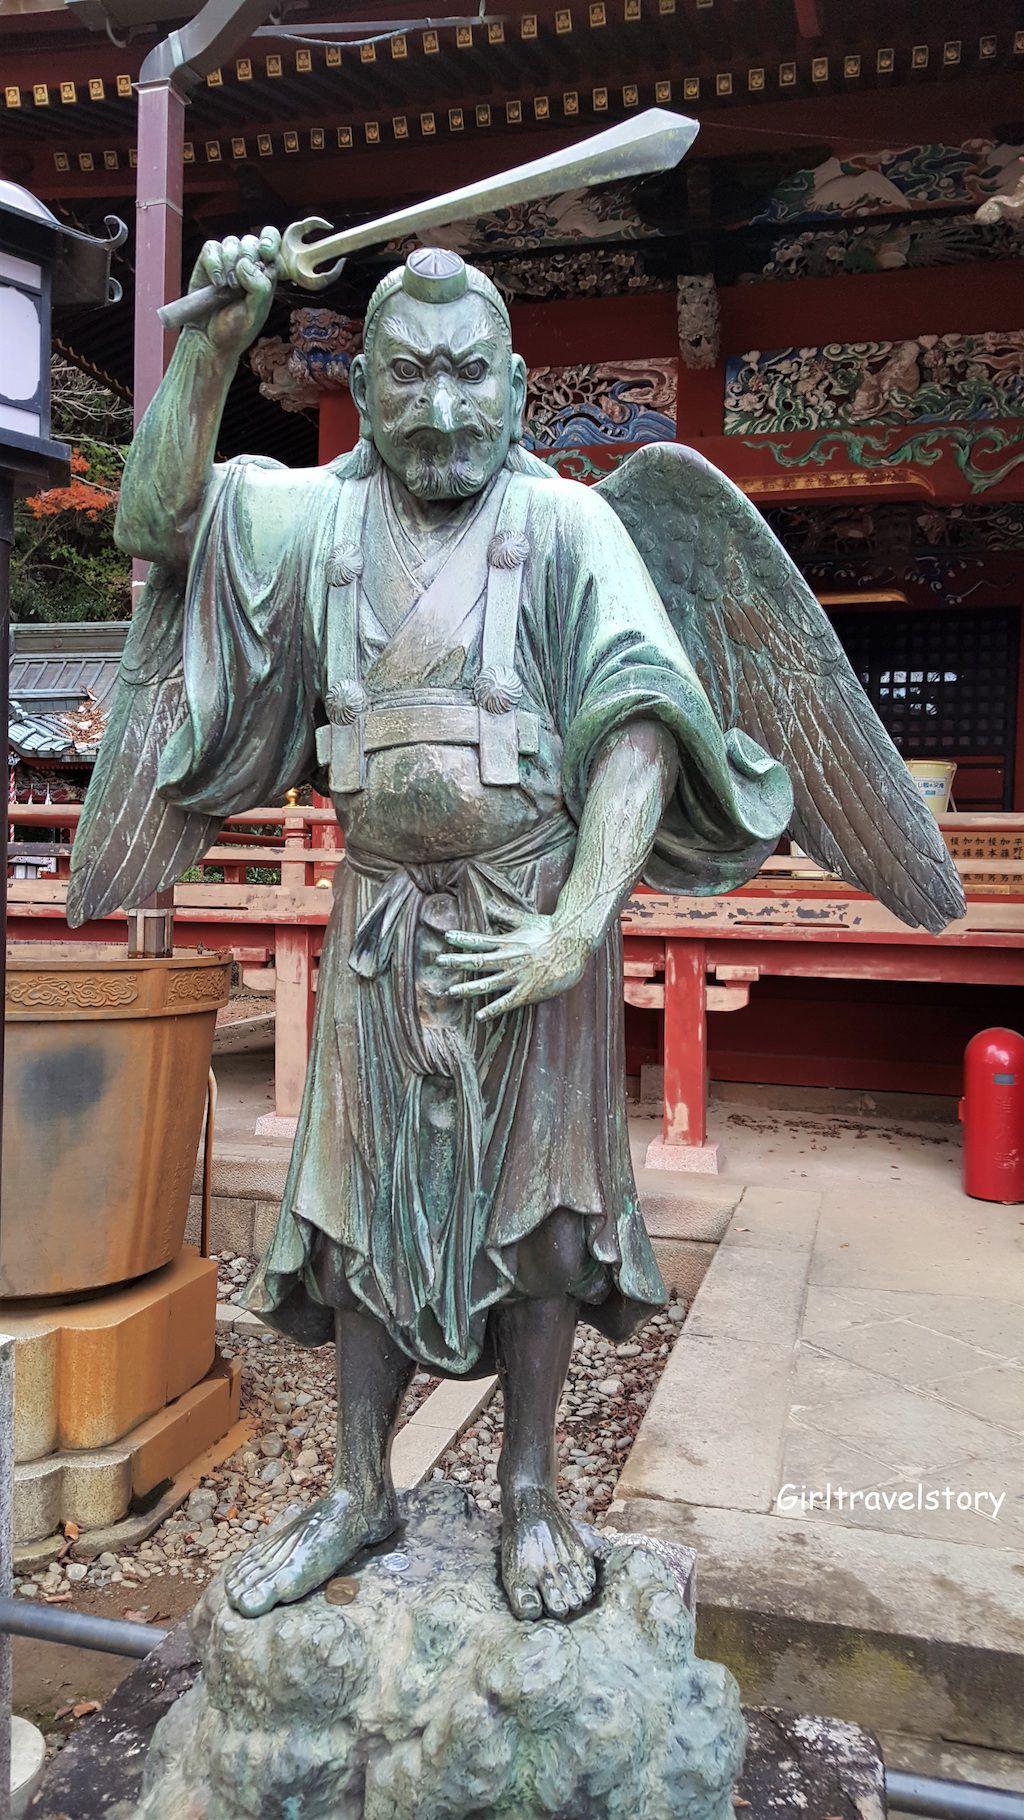 รูปปั้นเท็งกุ (Tengu) ซึ่งเป็นเทพอสุรกายที่เป็นที่รู้จักกันดีในตำนานของญี่ปุ่น มีใบหน้าแดงและจมูกโด่งแหลม